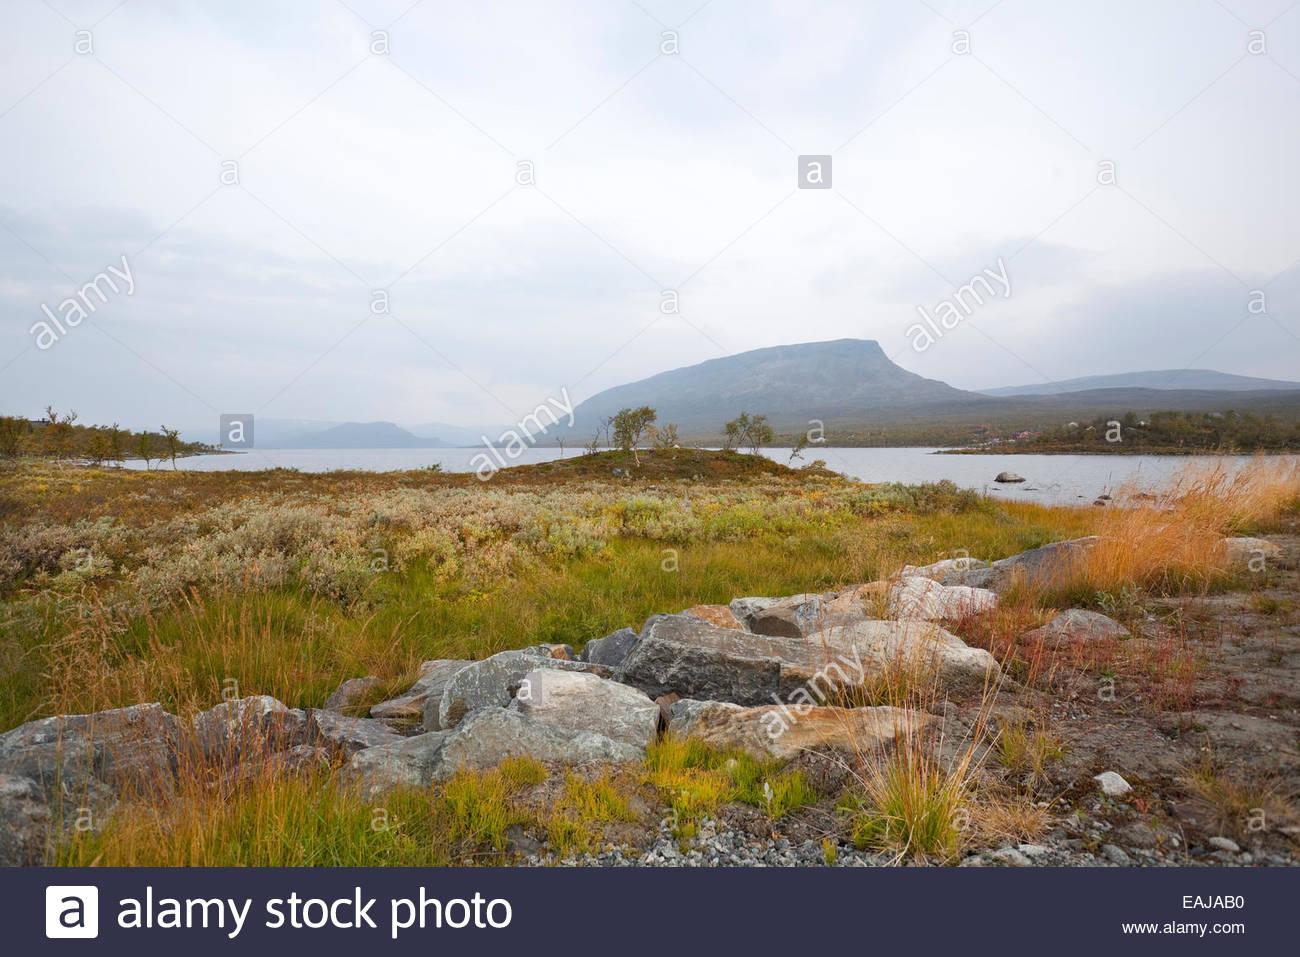 Saana fell by the lake Kilpisjärvi in Finnish Lapland - Stock Image